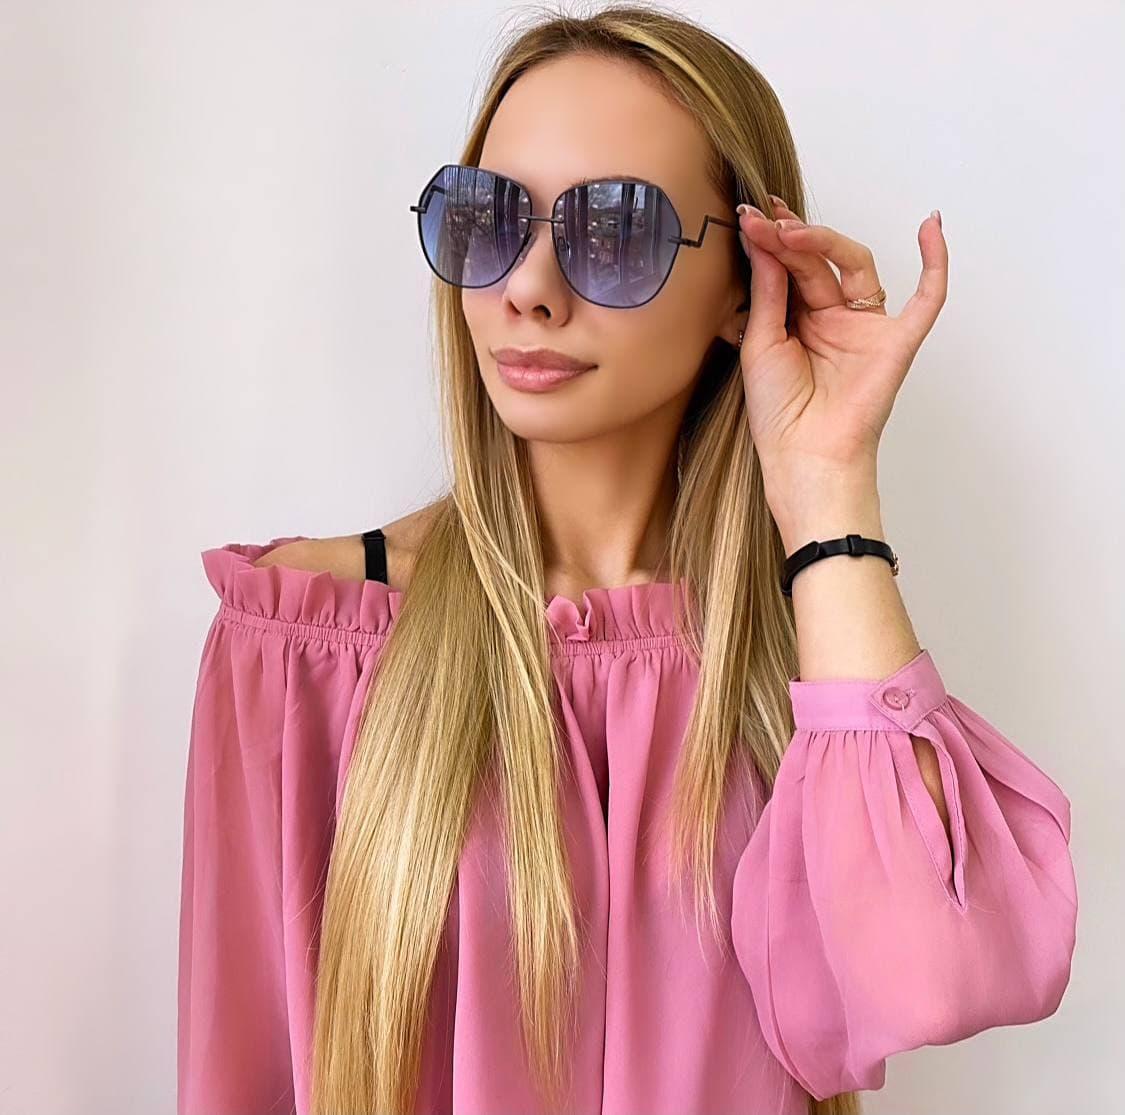 Жіночі сонцезахисні окуляри з темними металевою оправою